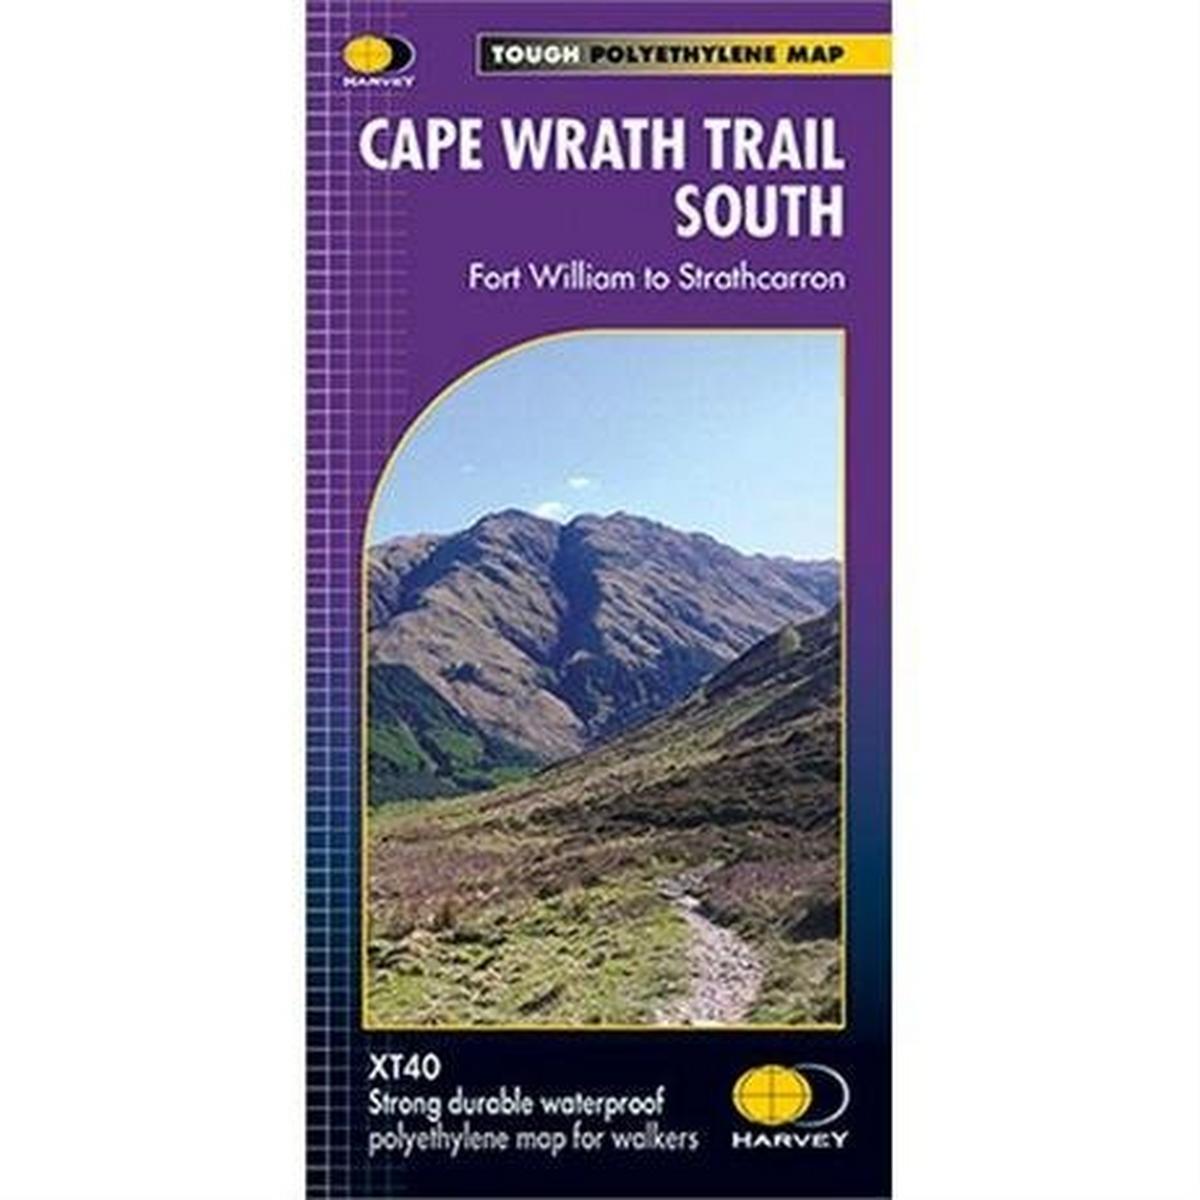 Harveys Harvey Map - XT40: Cape Wrath Trail - South